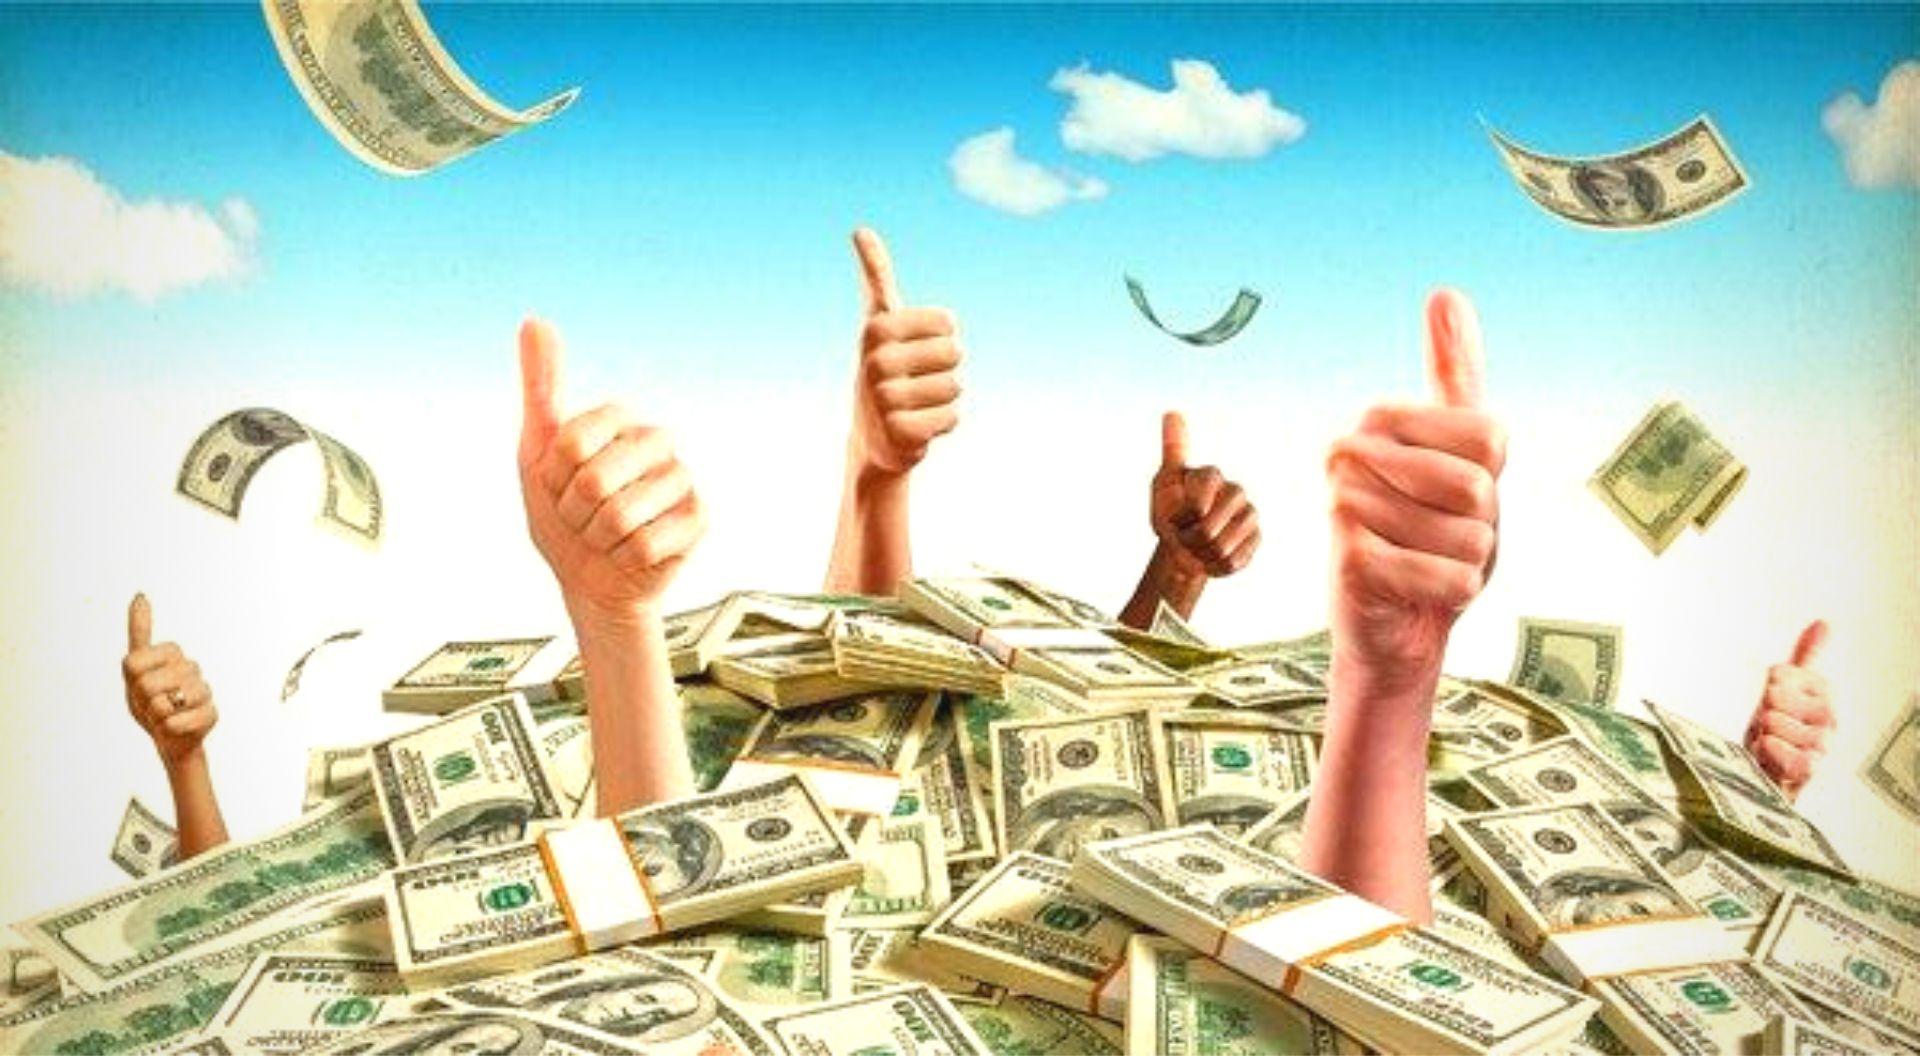 Tự do tài chính là gì? Không cần làm việc mà vẫn có tiền